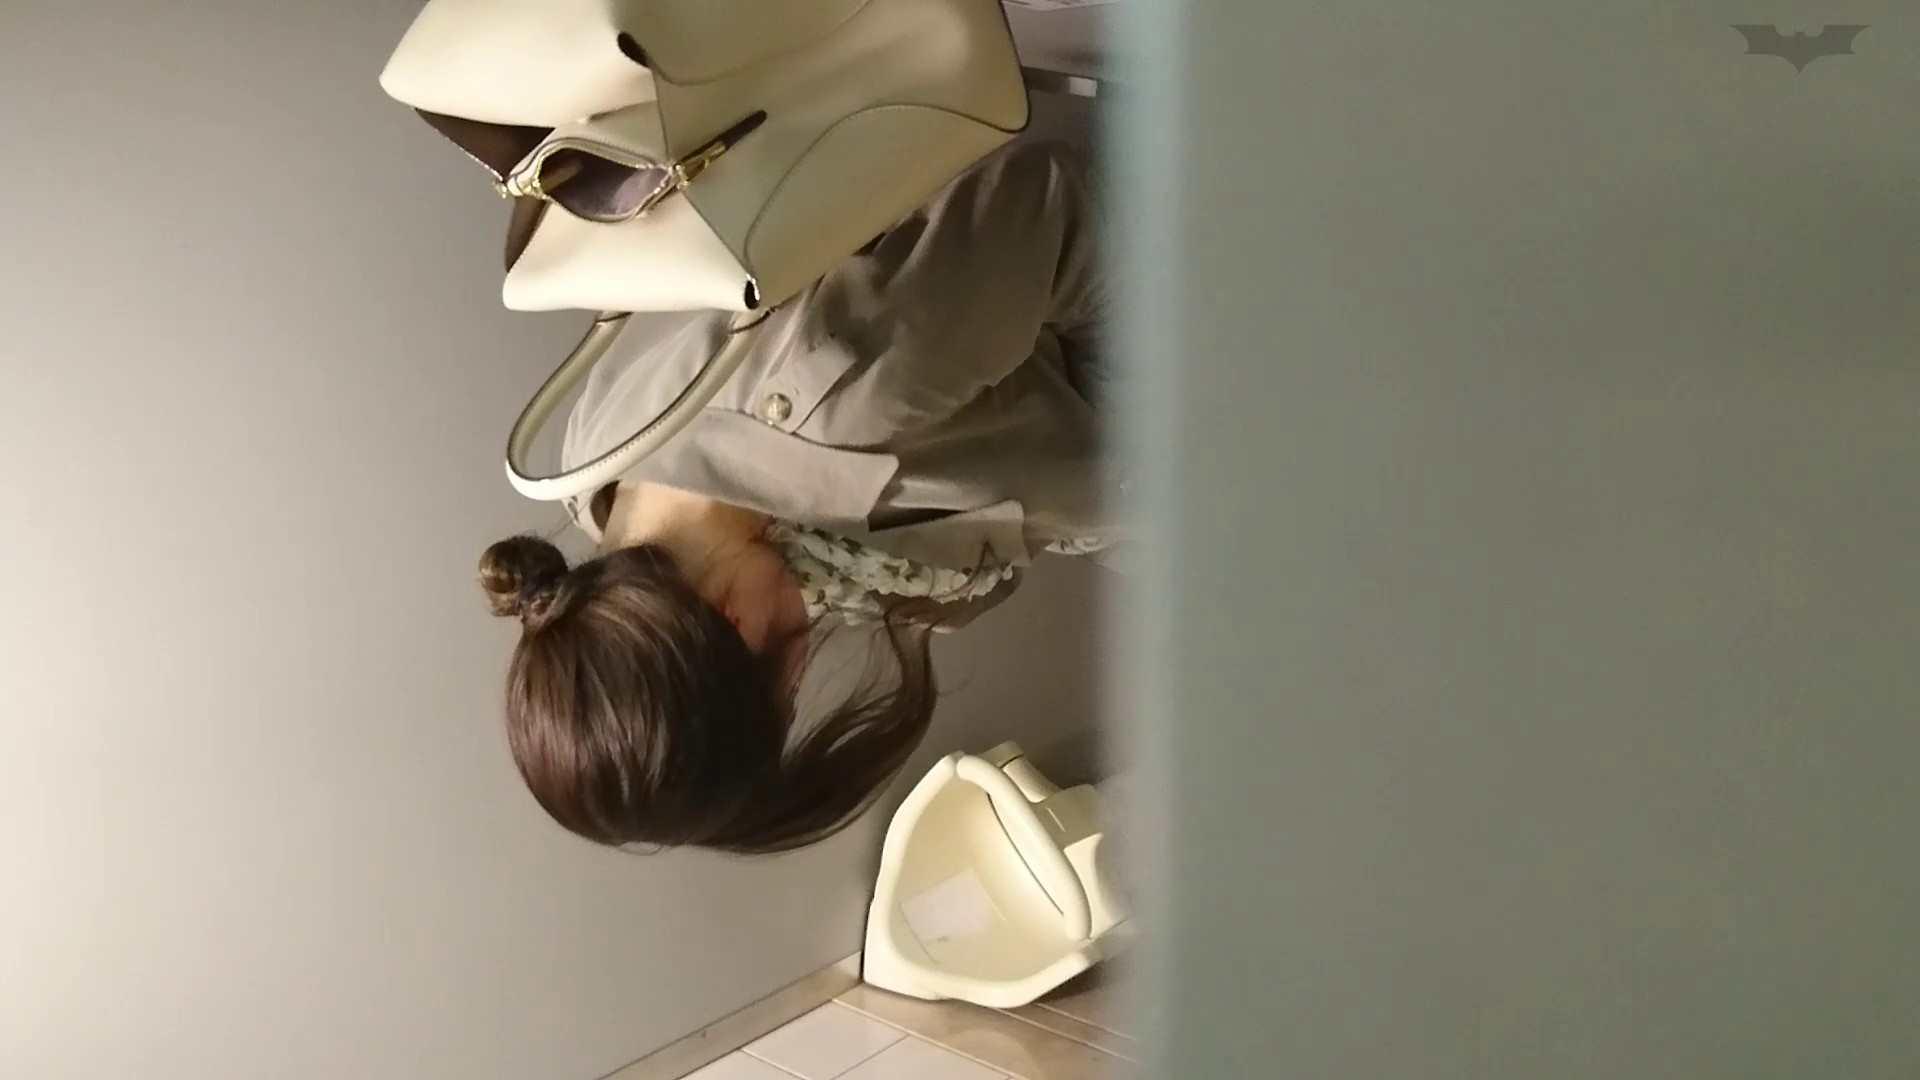 化粧室絵巻 ショッピングモール編 VOL.22 OL  95pic 60